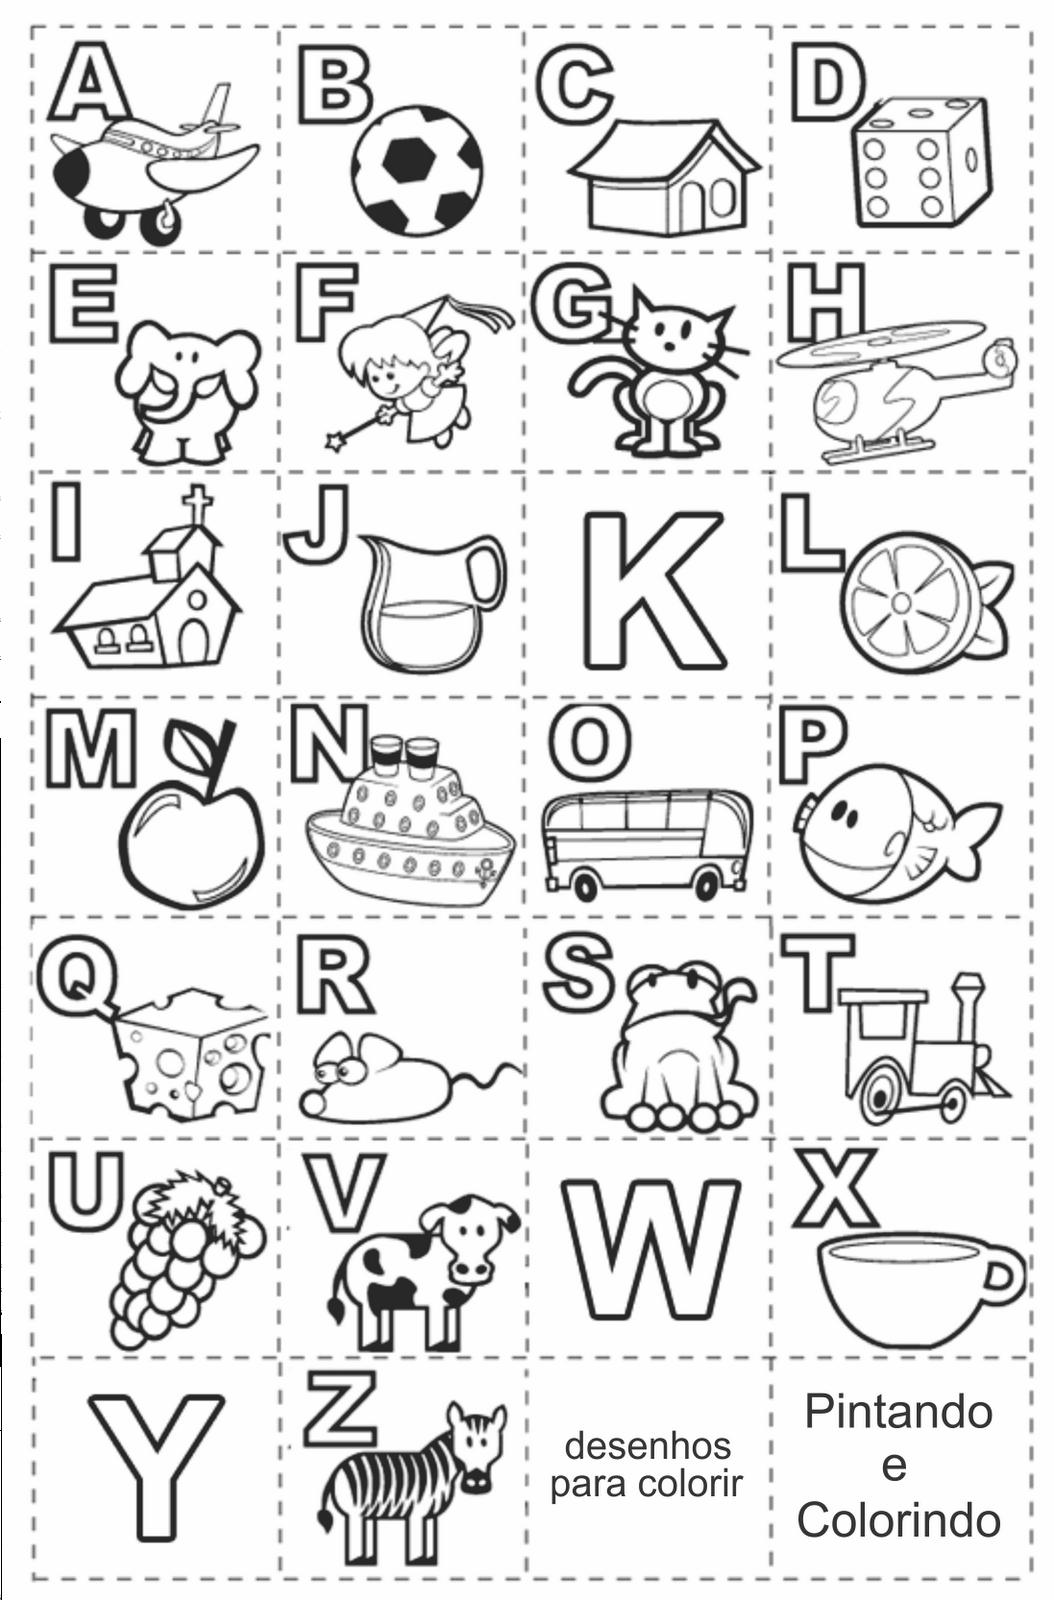 alfabeto ilustrado para alfabetização infantil alfabeto ilustrado ...